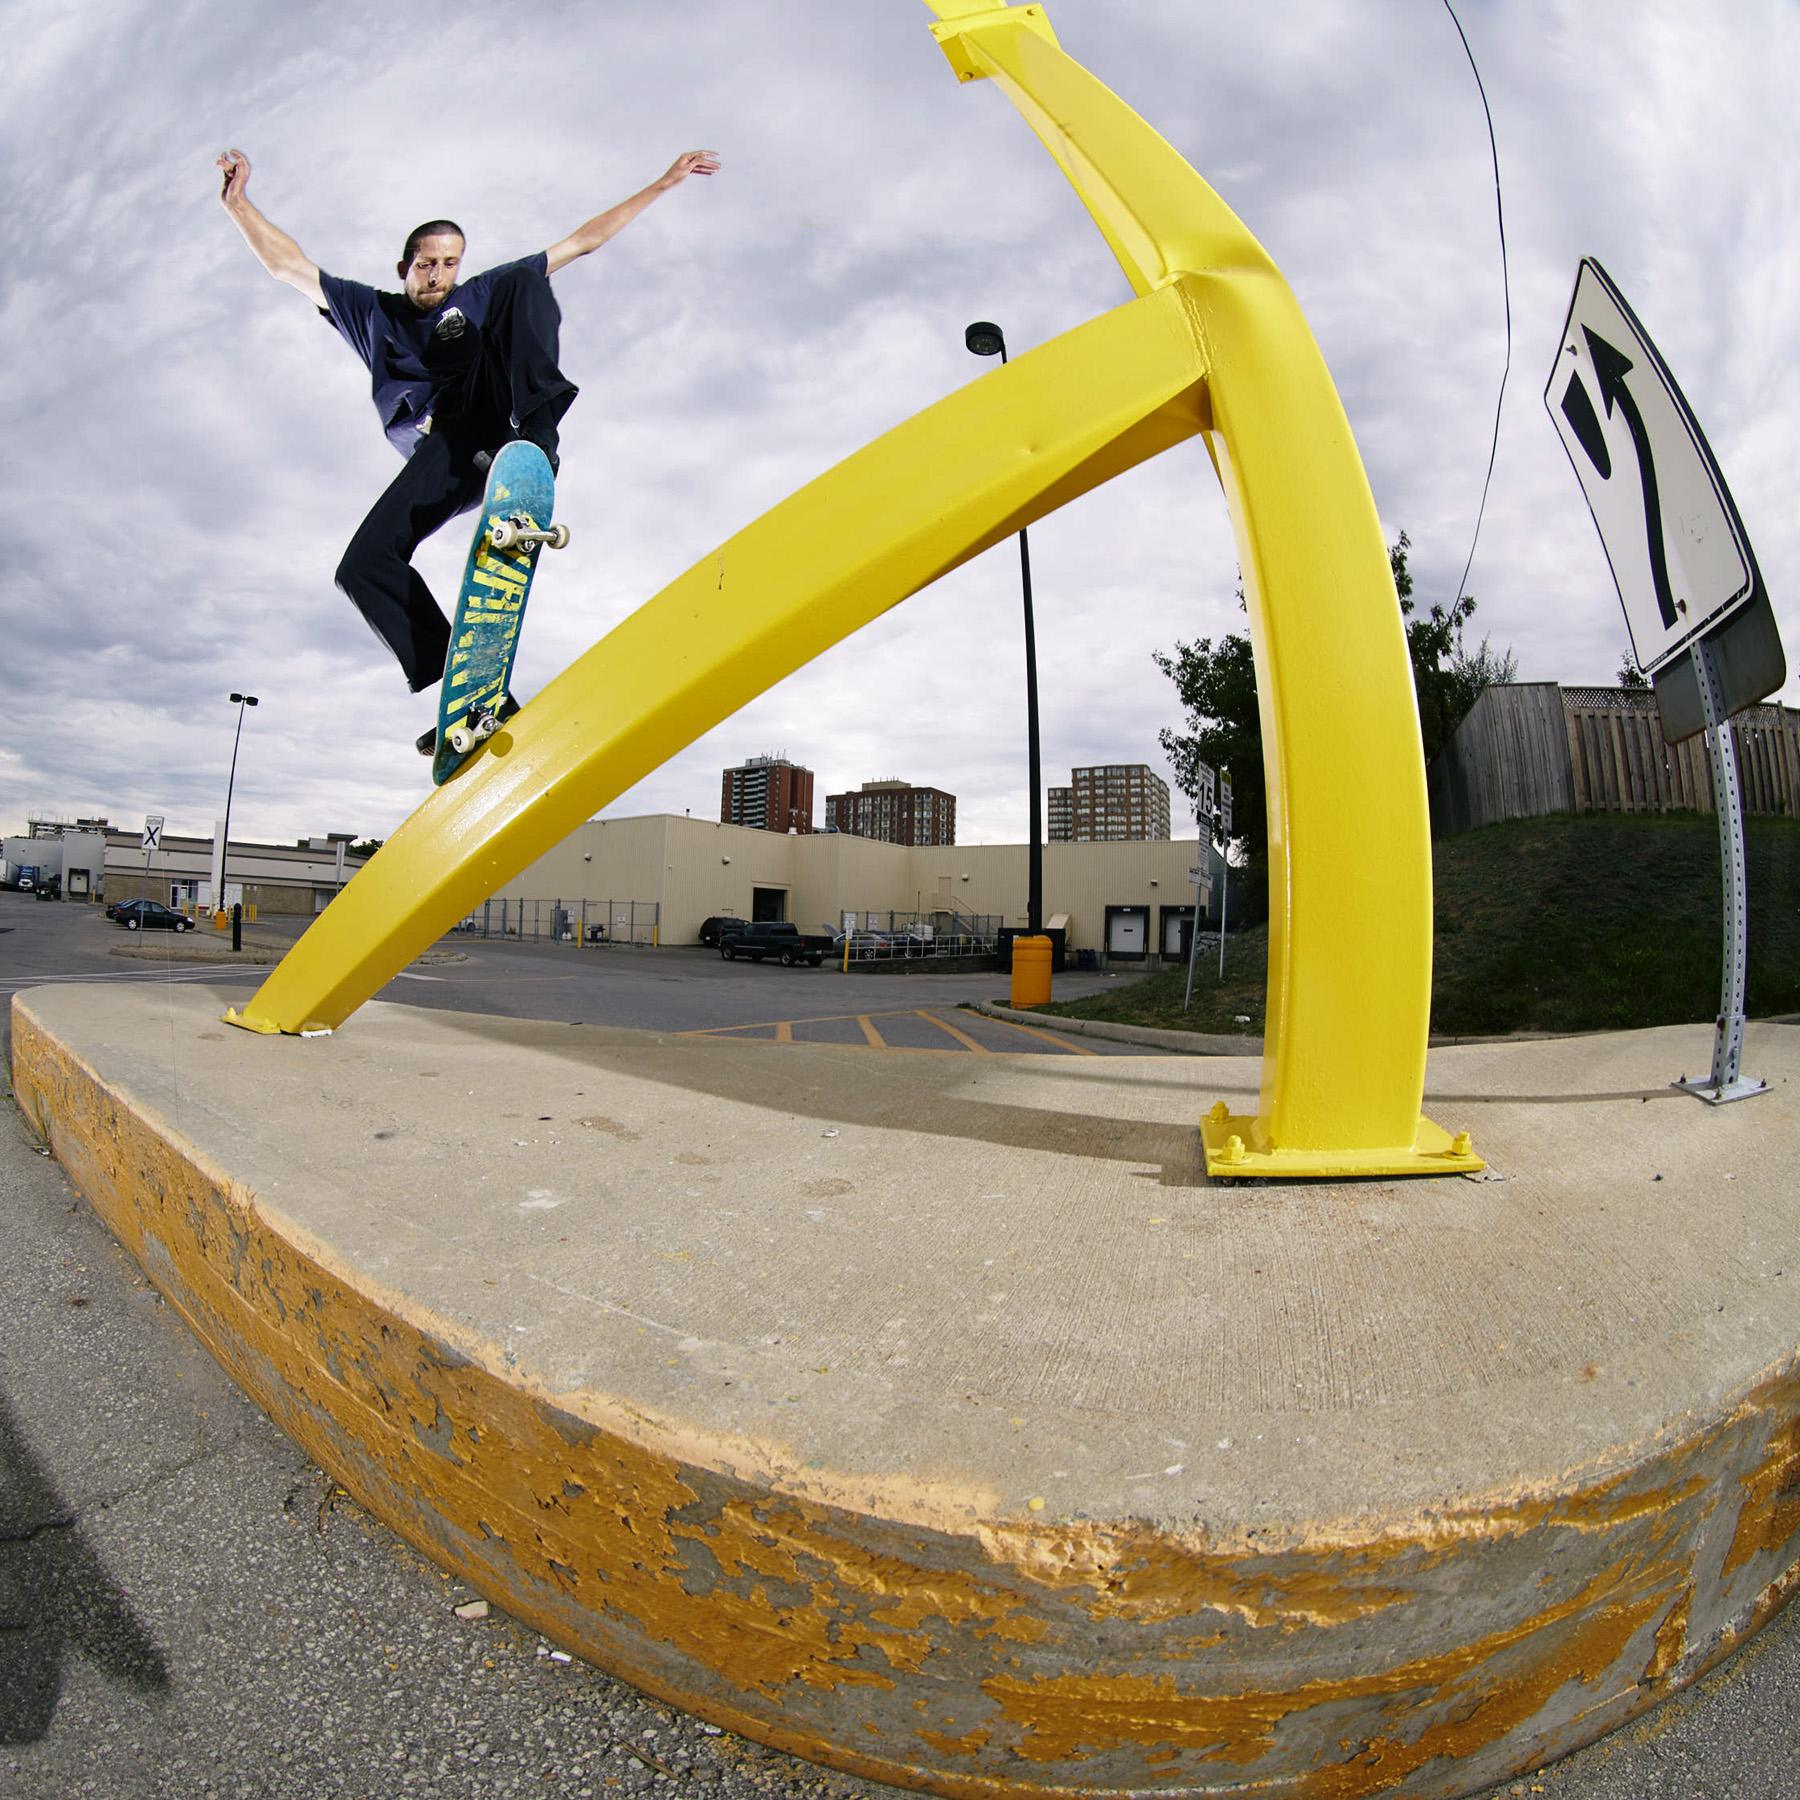 Ollie Up, Pole Jam - Toronto, Ontario - Photo: Will Jivcoff